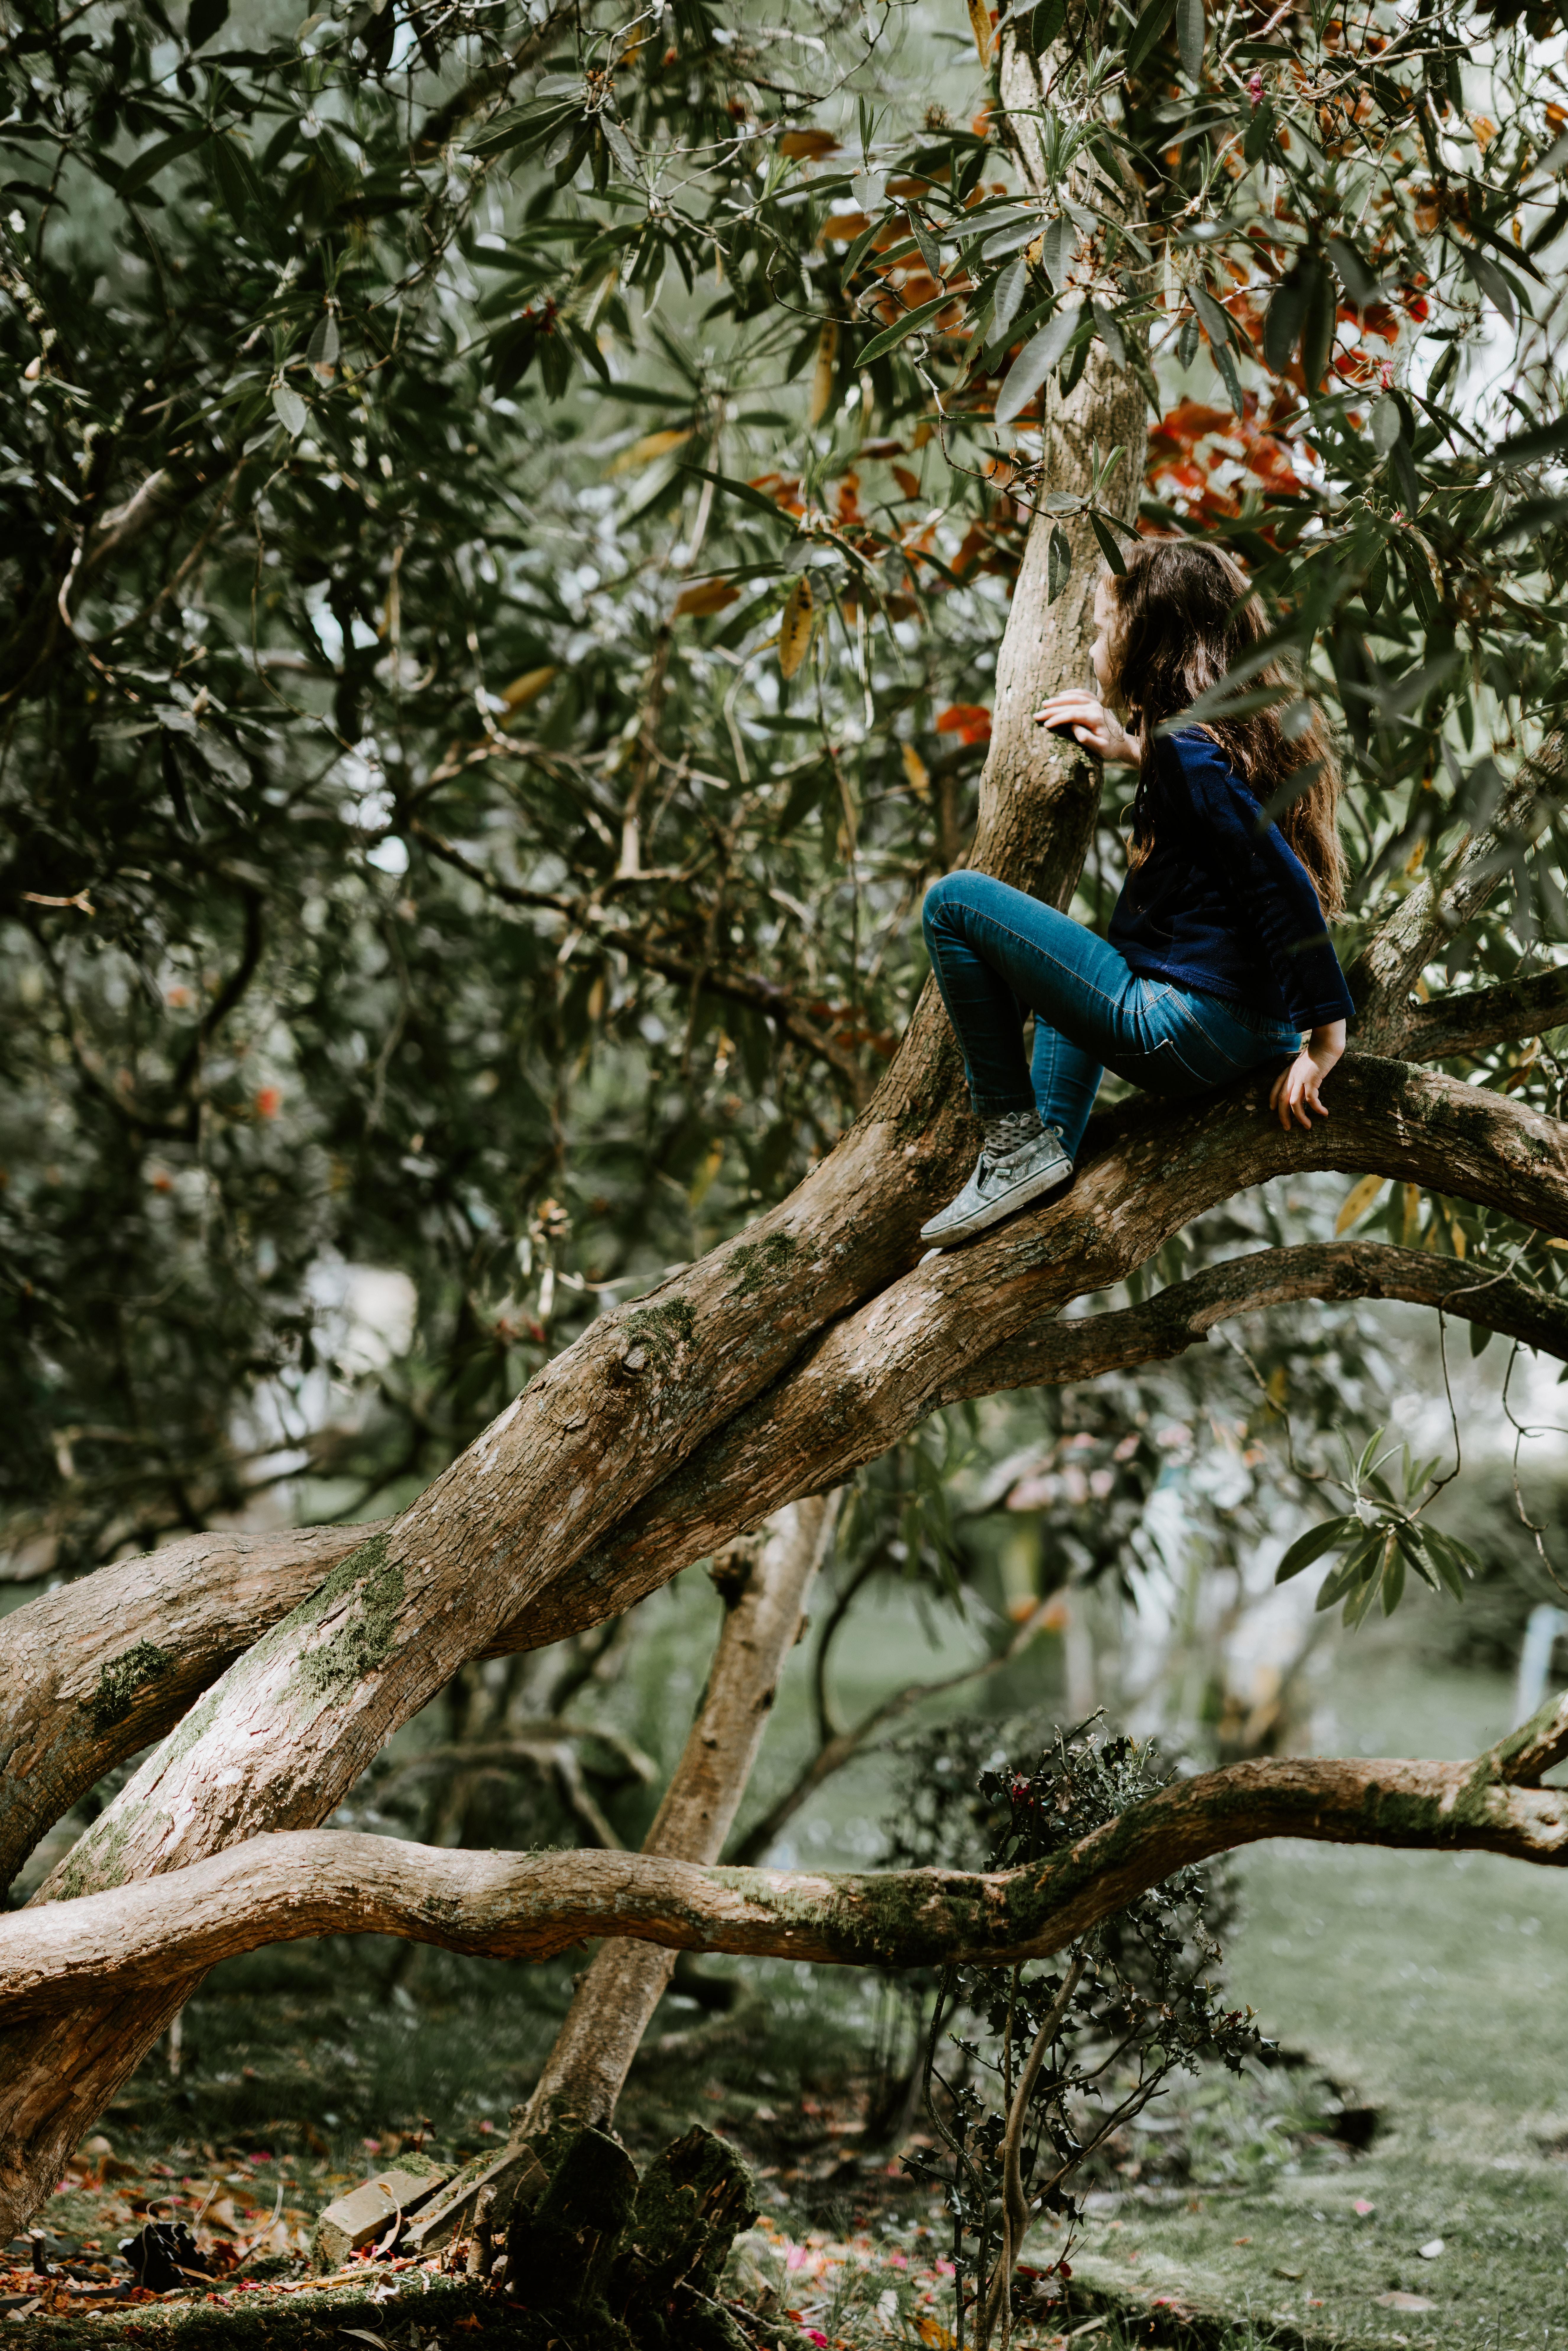 girl sitting on tree branch